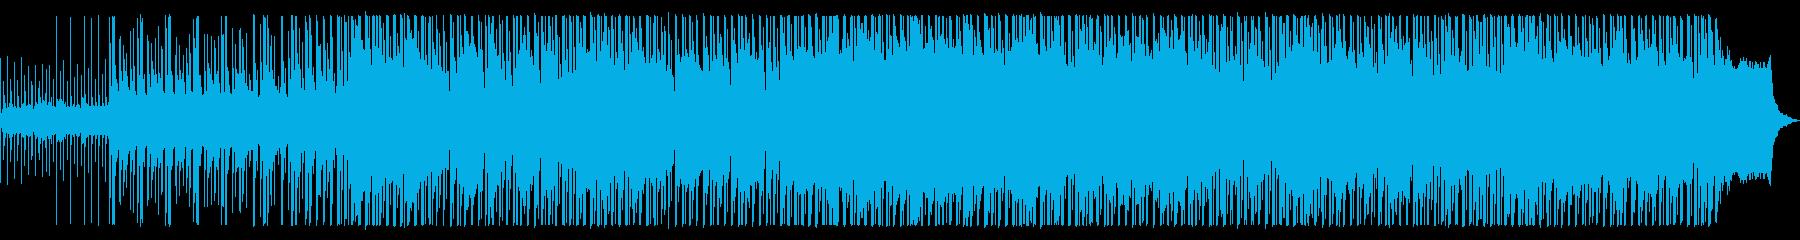 ジムノペディ/テクノアレンジの再生済みの波形